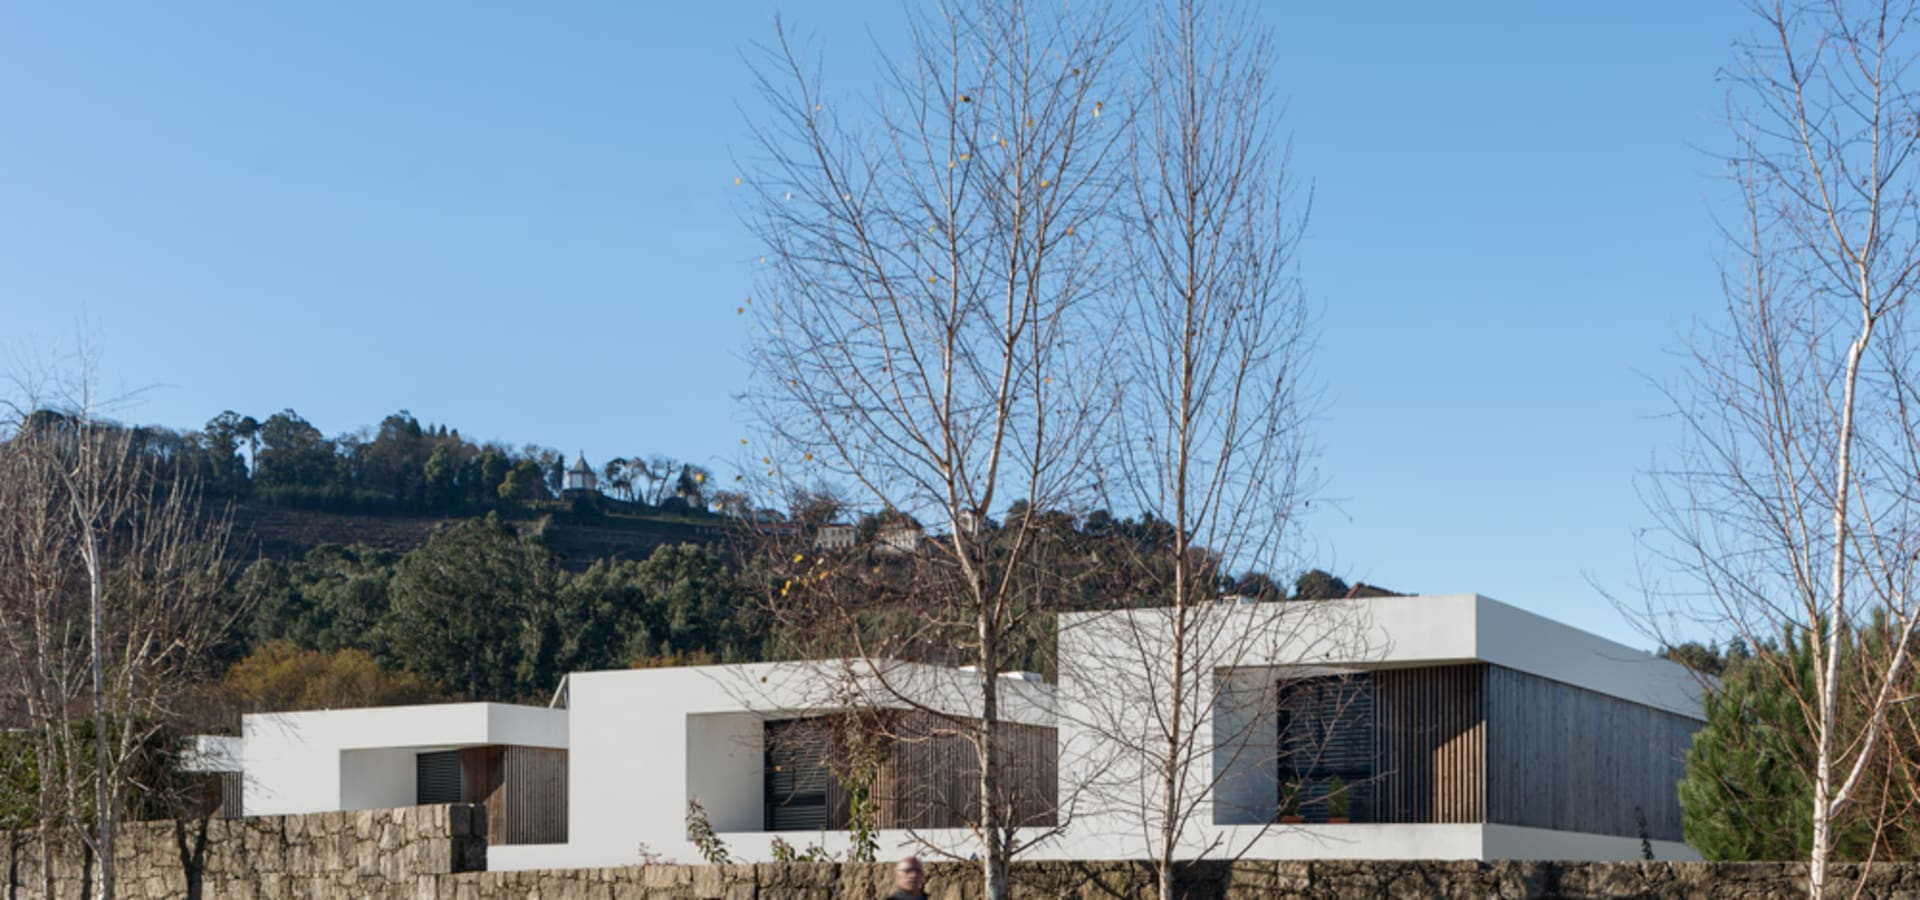 Casa portelinhos fotografia de arquitectura by bruno - Arquitectura de interiores ...